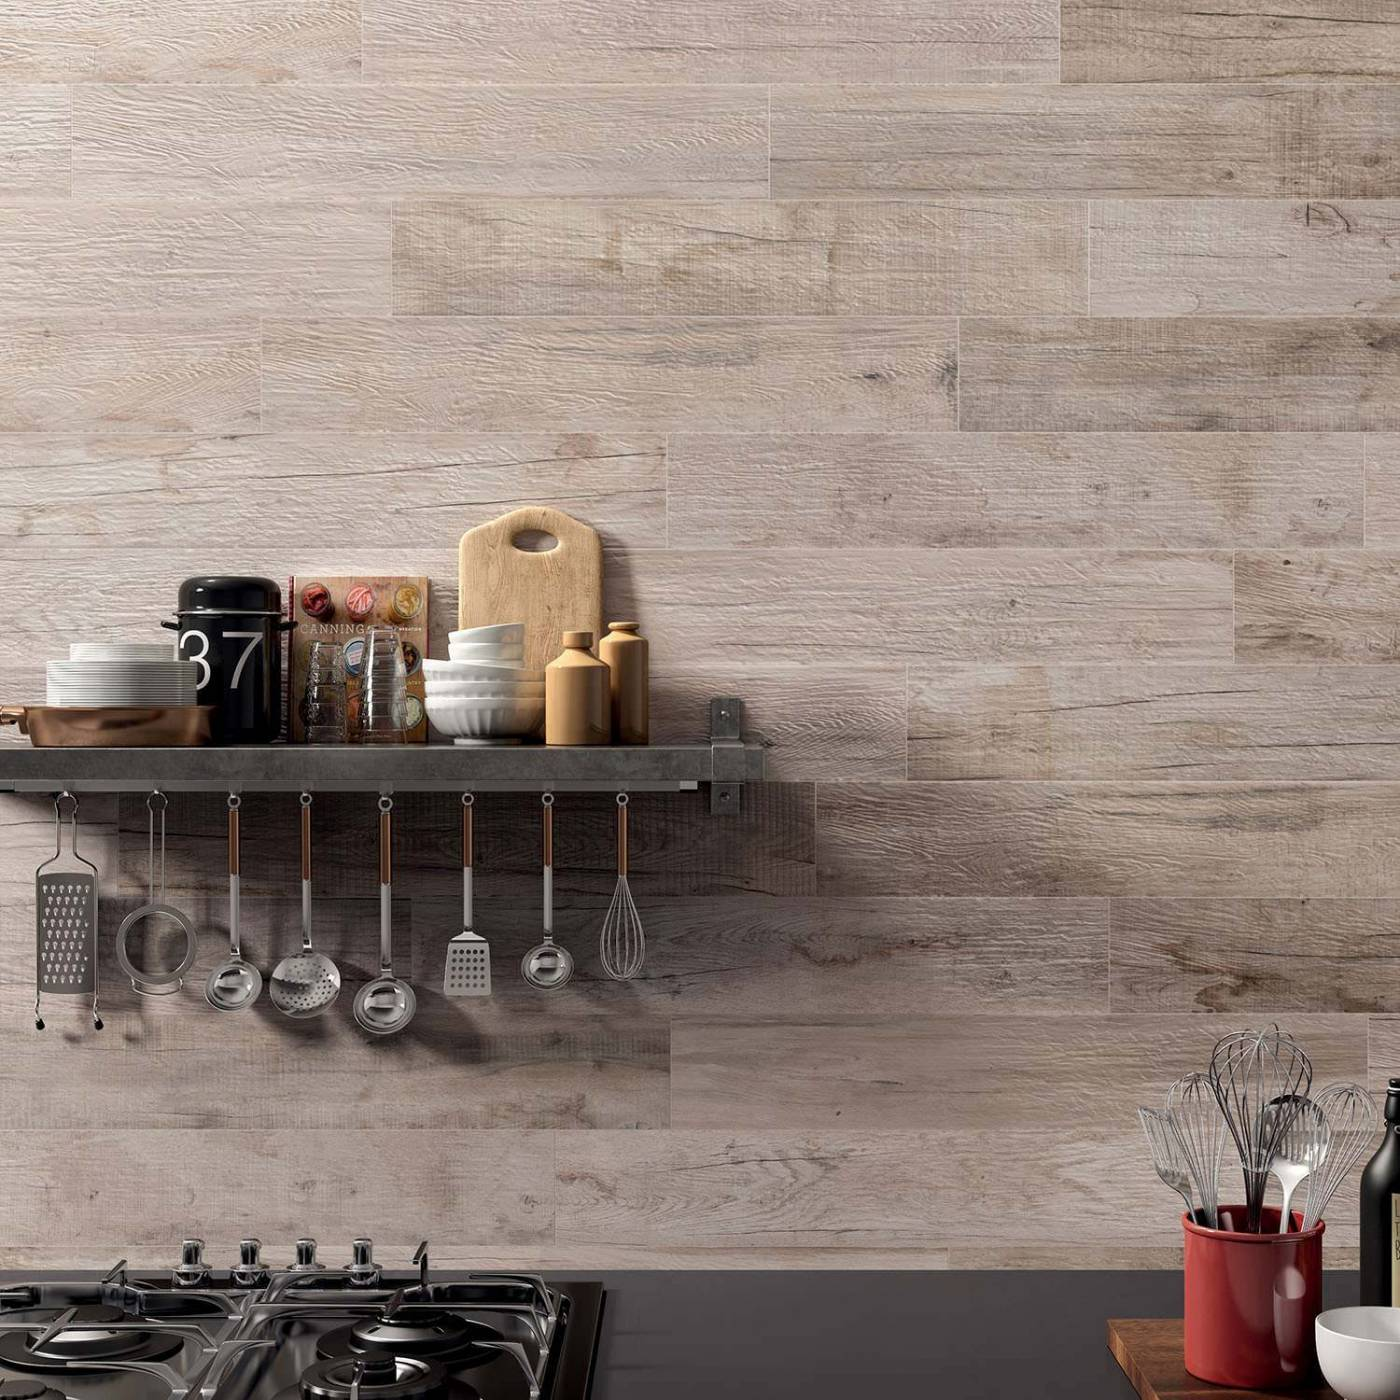 Carrelage int rieur imitation bois aix en provence for Carrelage interieur imitation bois